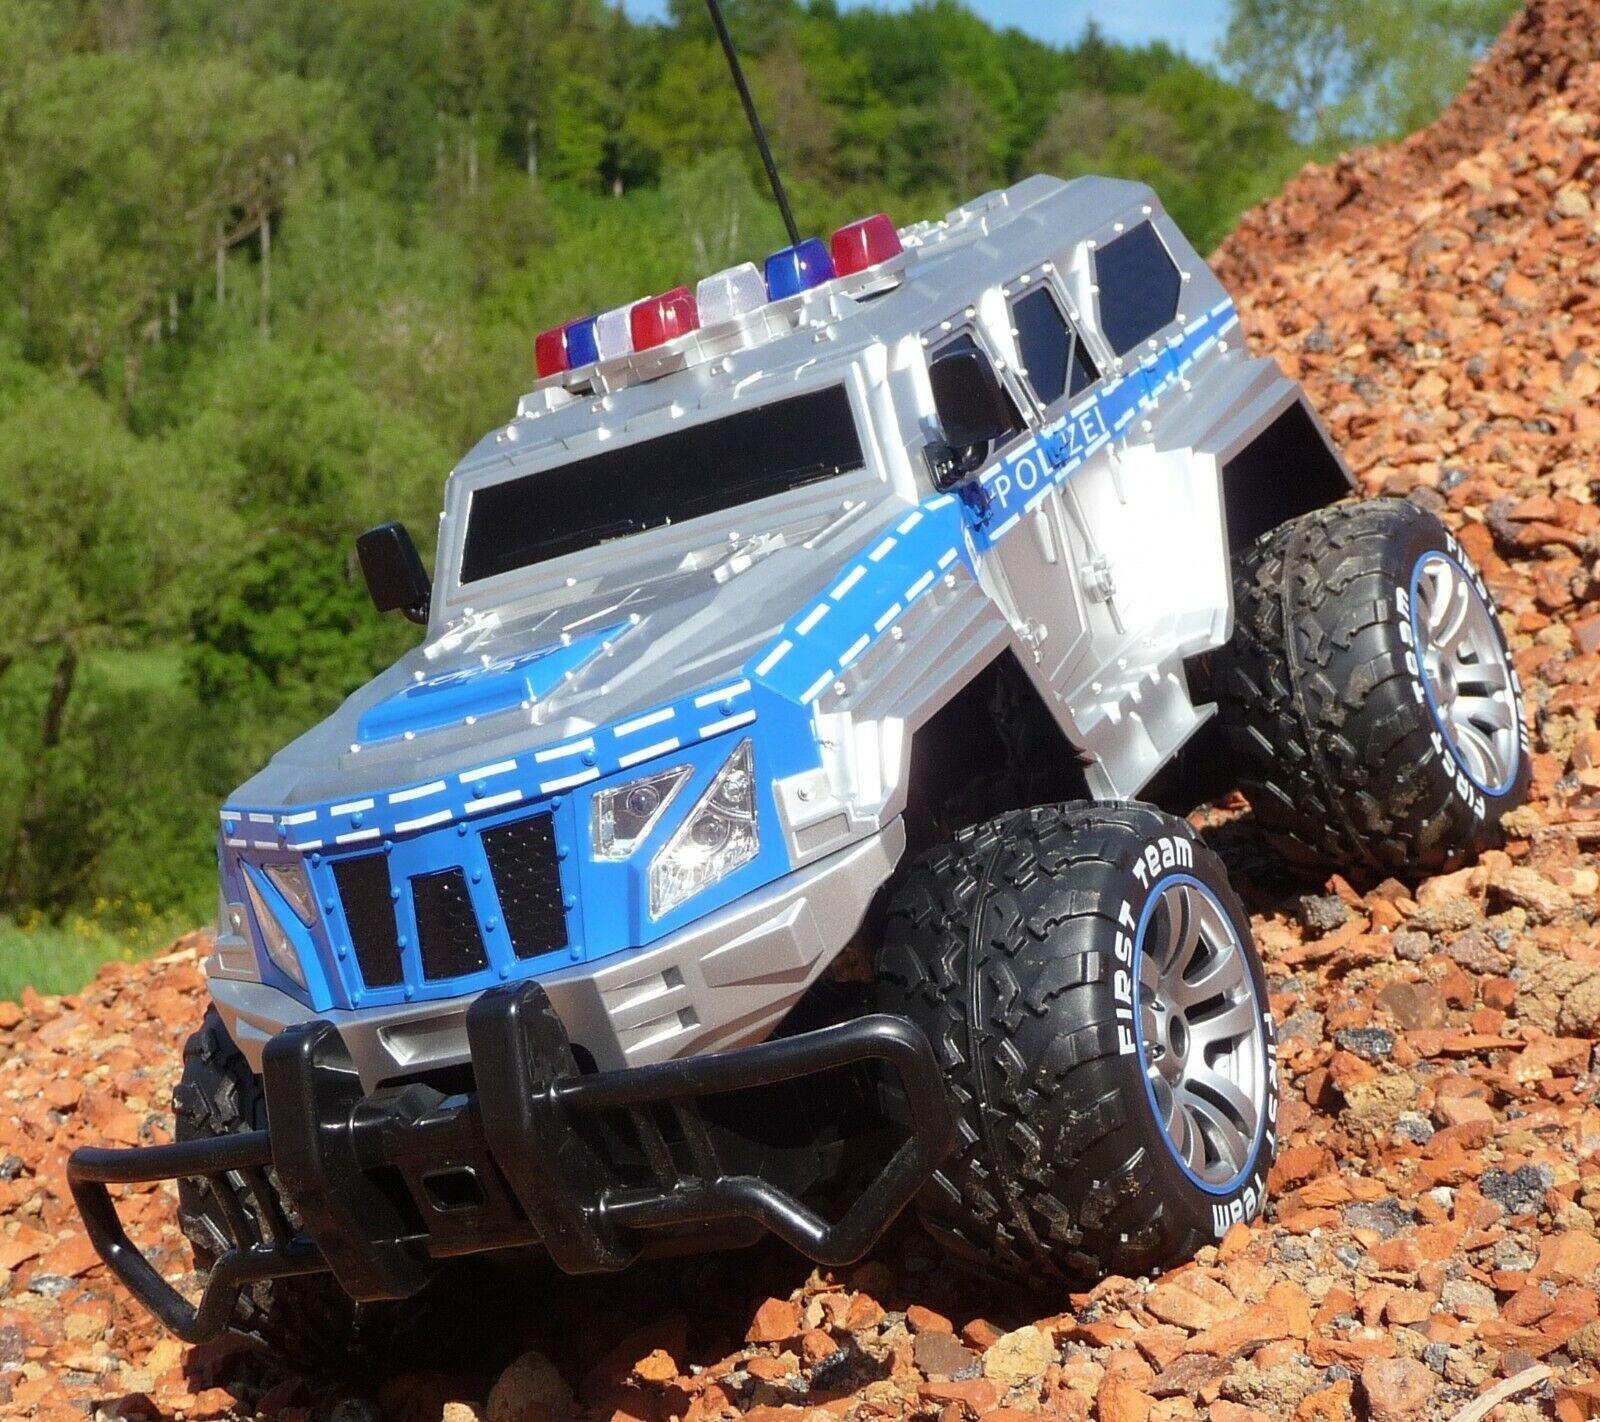 RC Jeep POLIZEI mit LICHT & AKKU 1 12 Länge 39cm Ferngesteuert 27MHz 403170